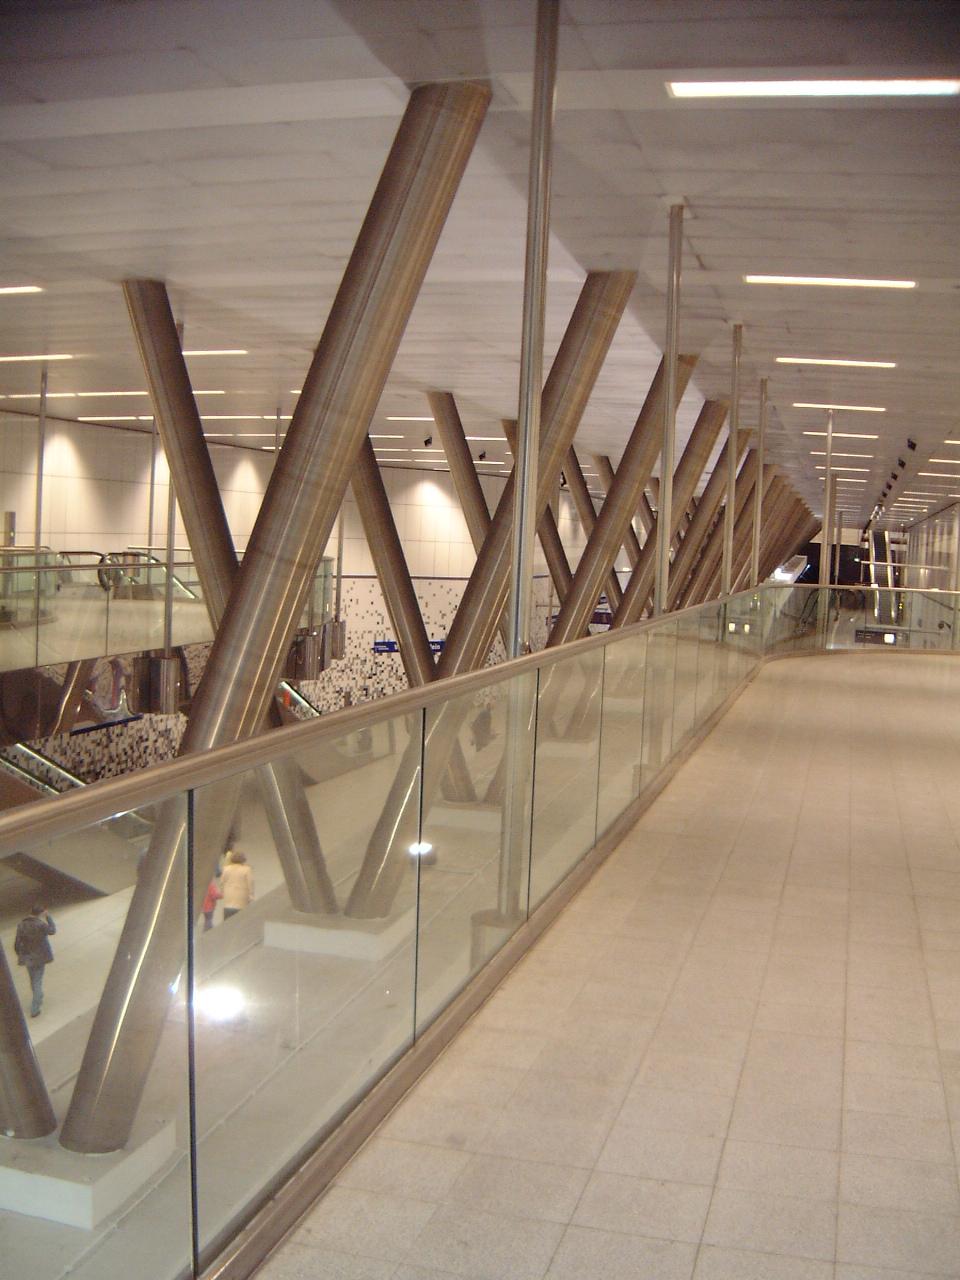 maartent walkway modern architecture building office steel